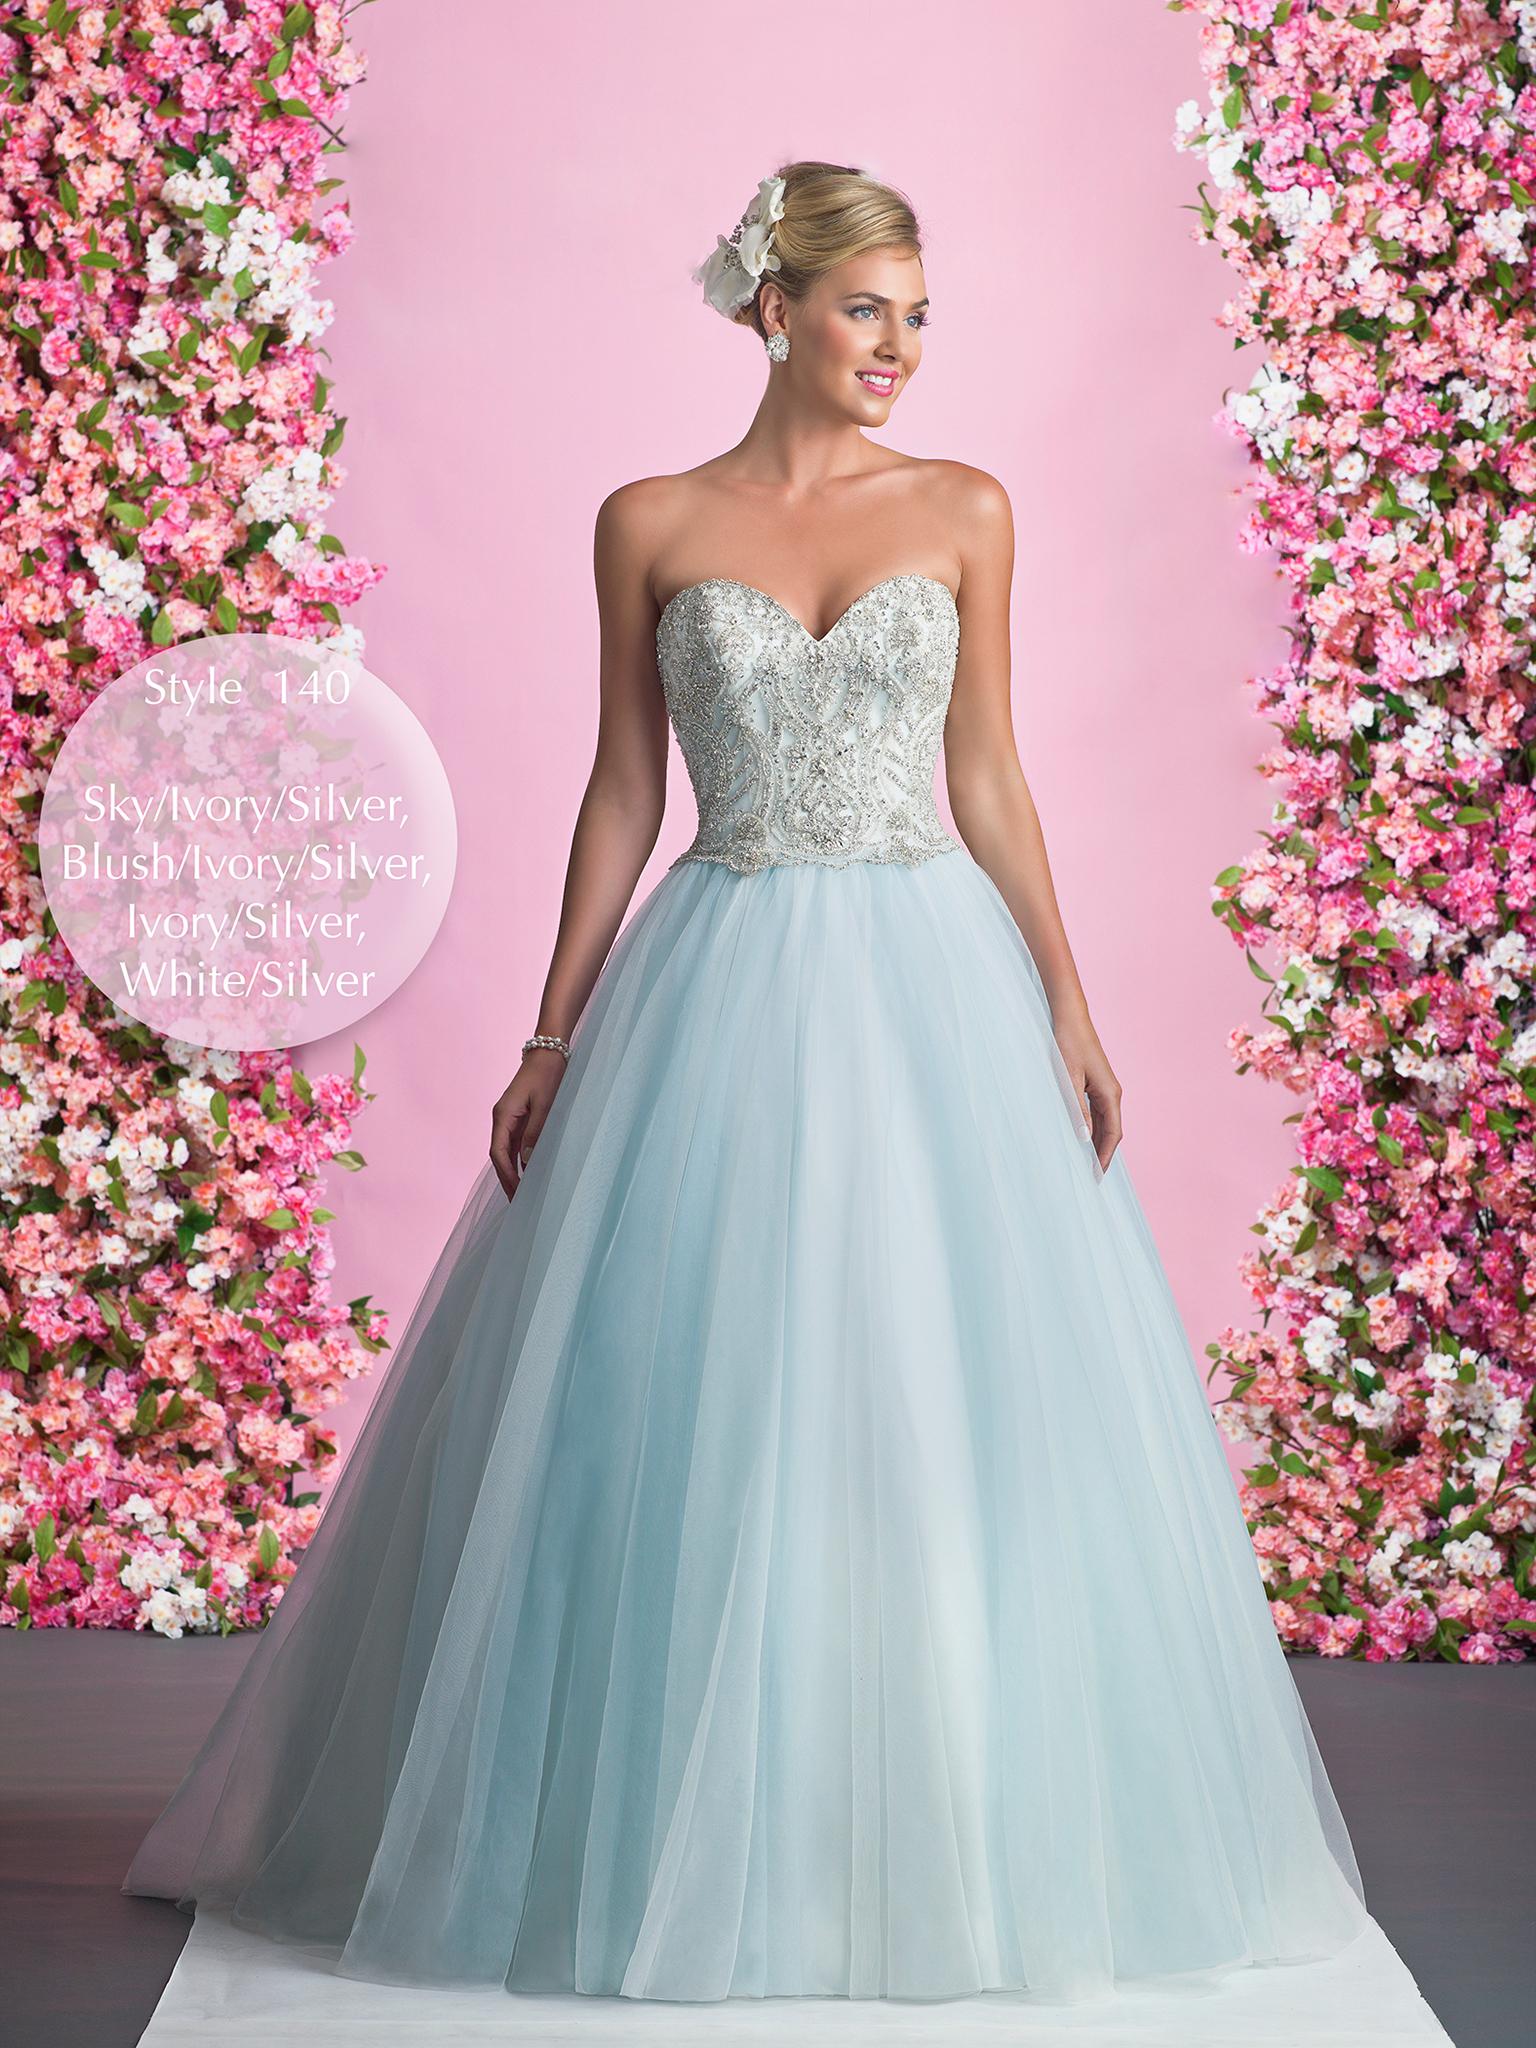 Bonito Vestido De Novia Nikki Reed Colección de Imágenes - Colección ...